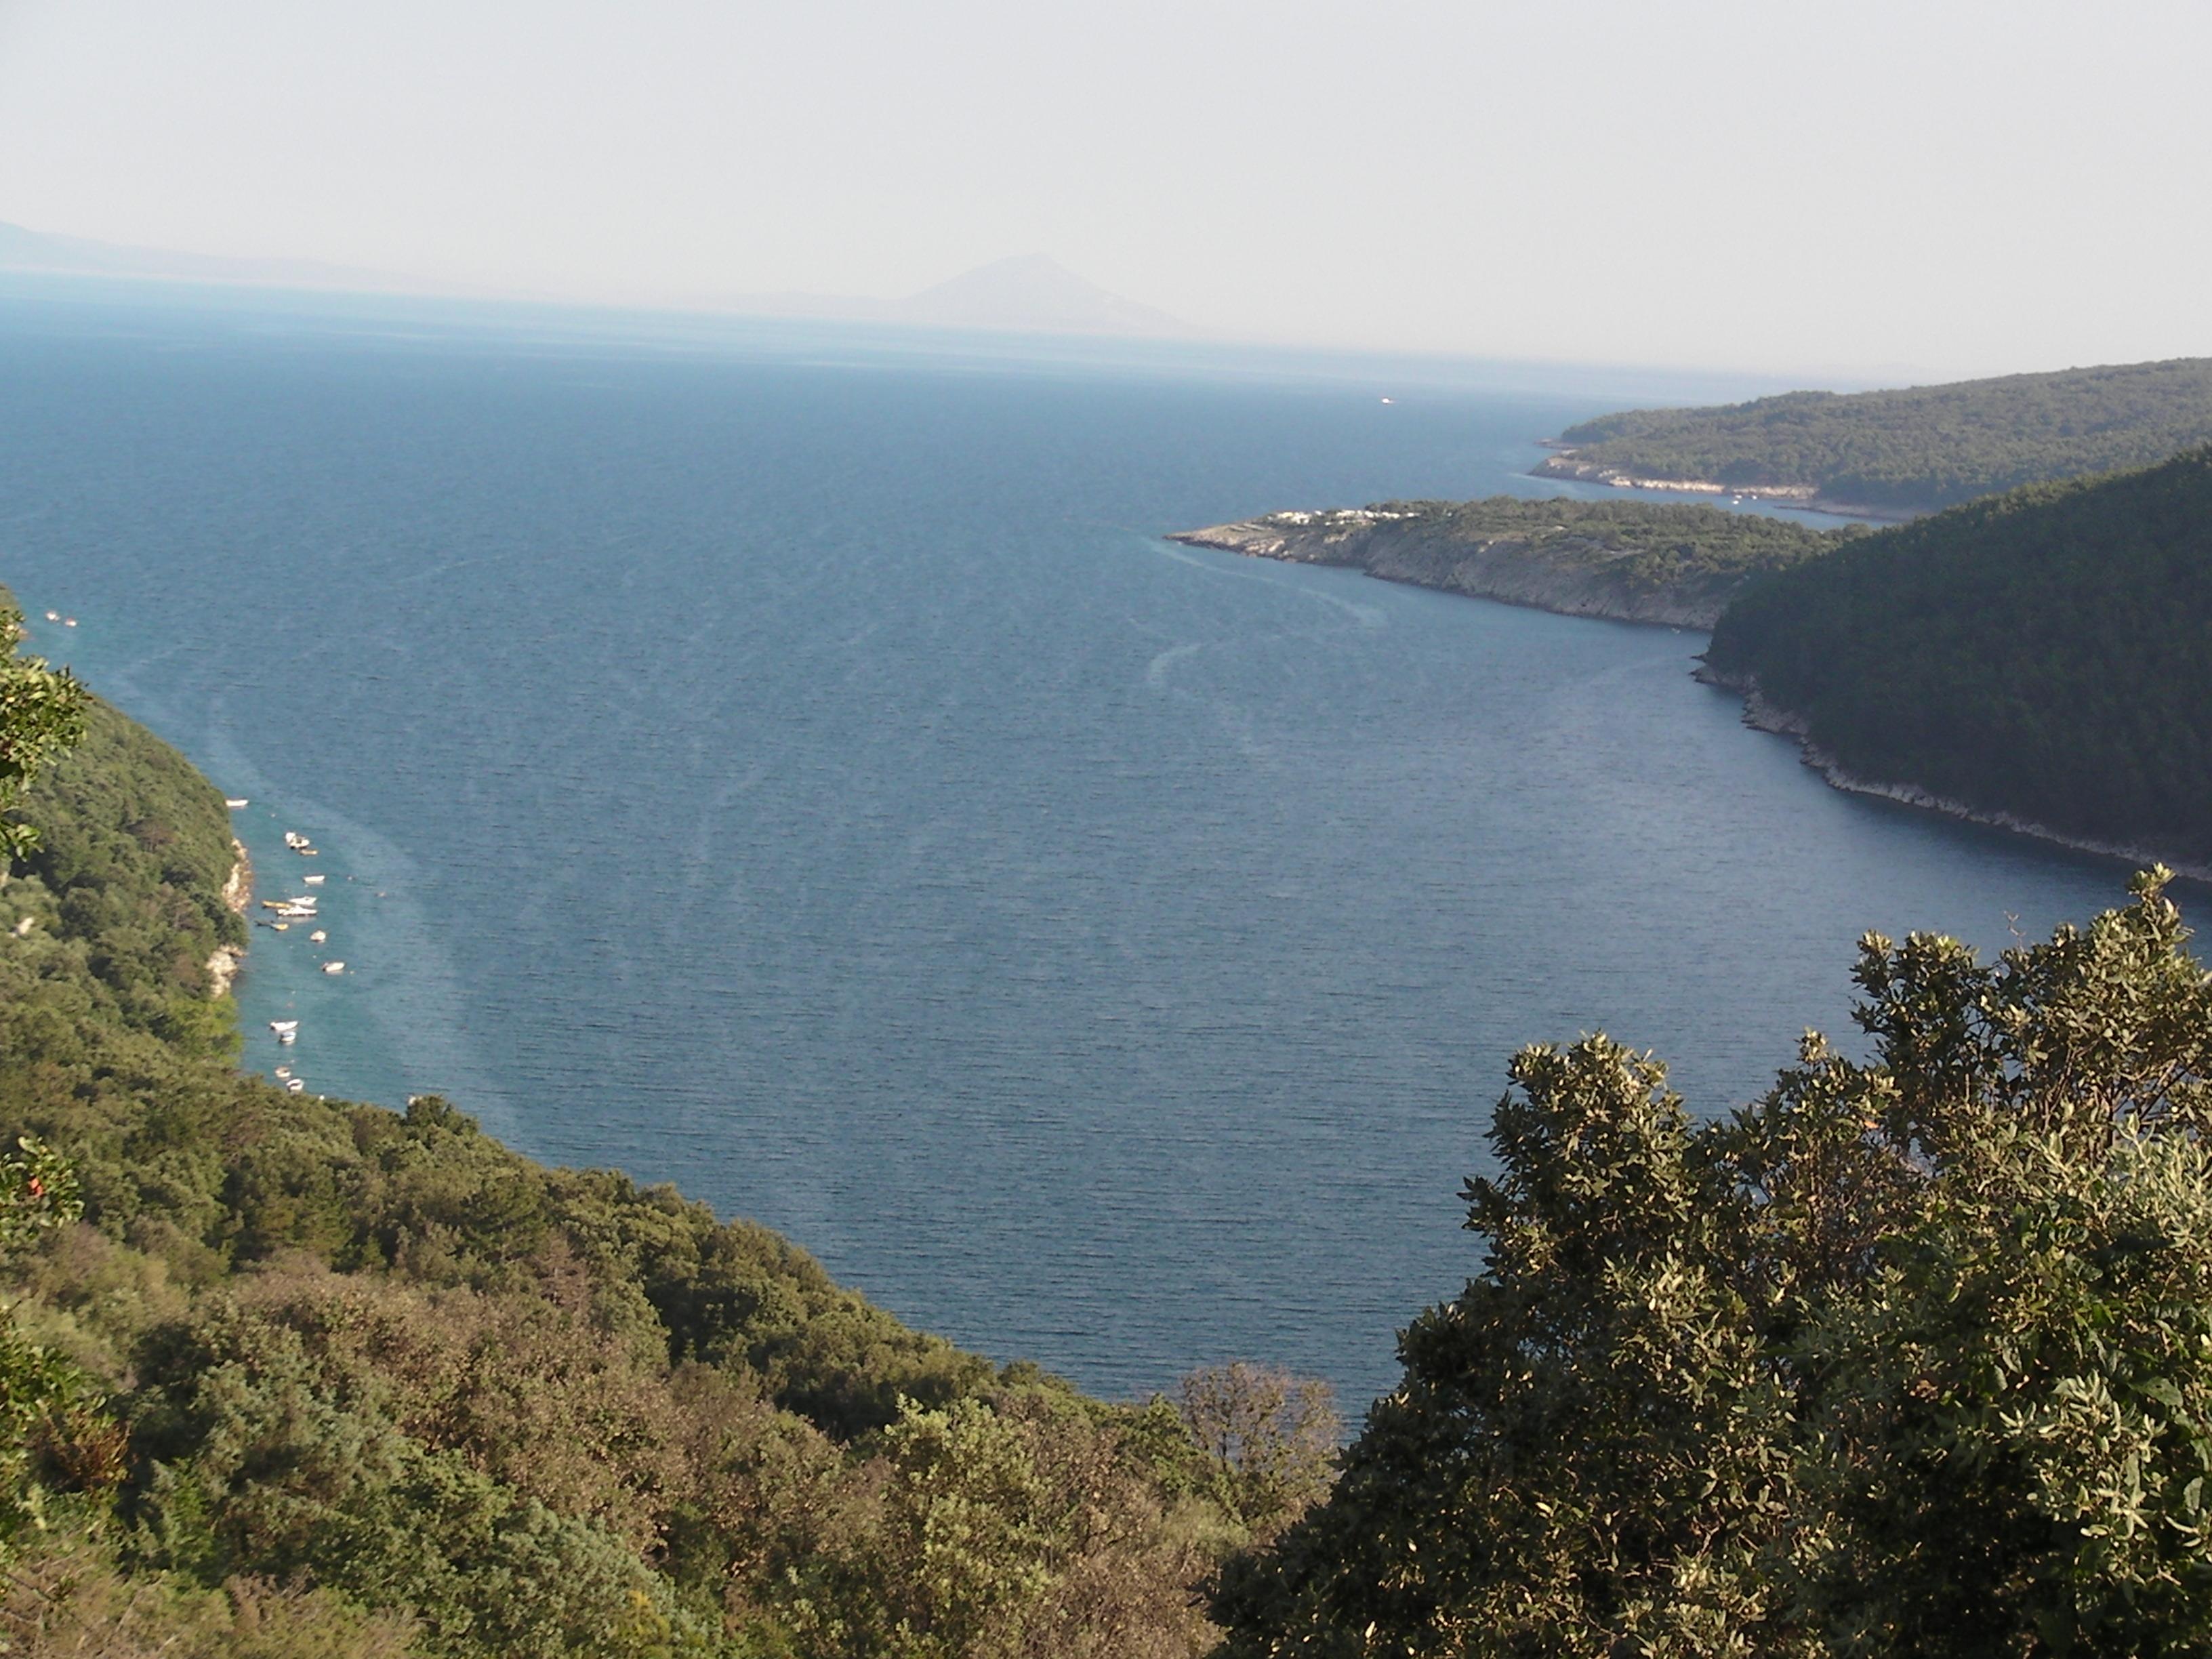 Blick auf die Bucht Duga Uvala